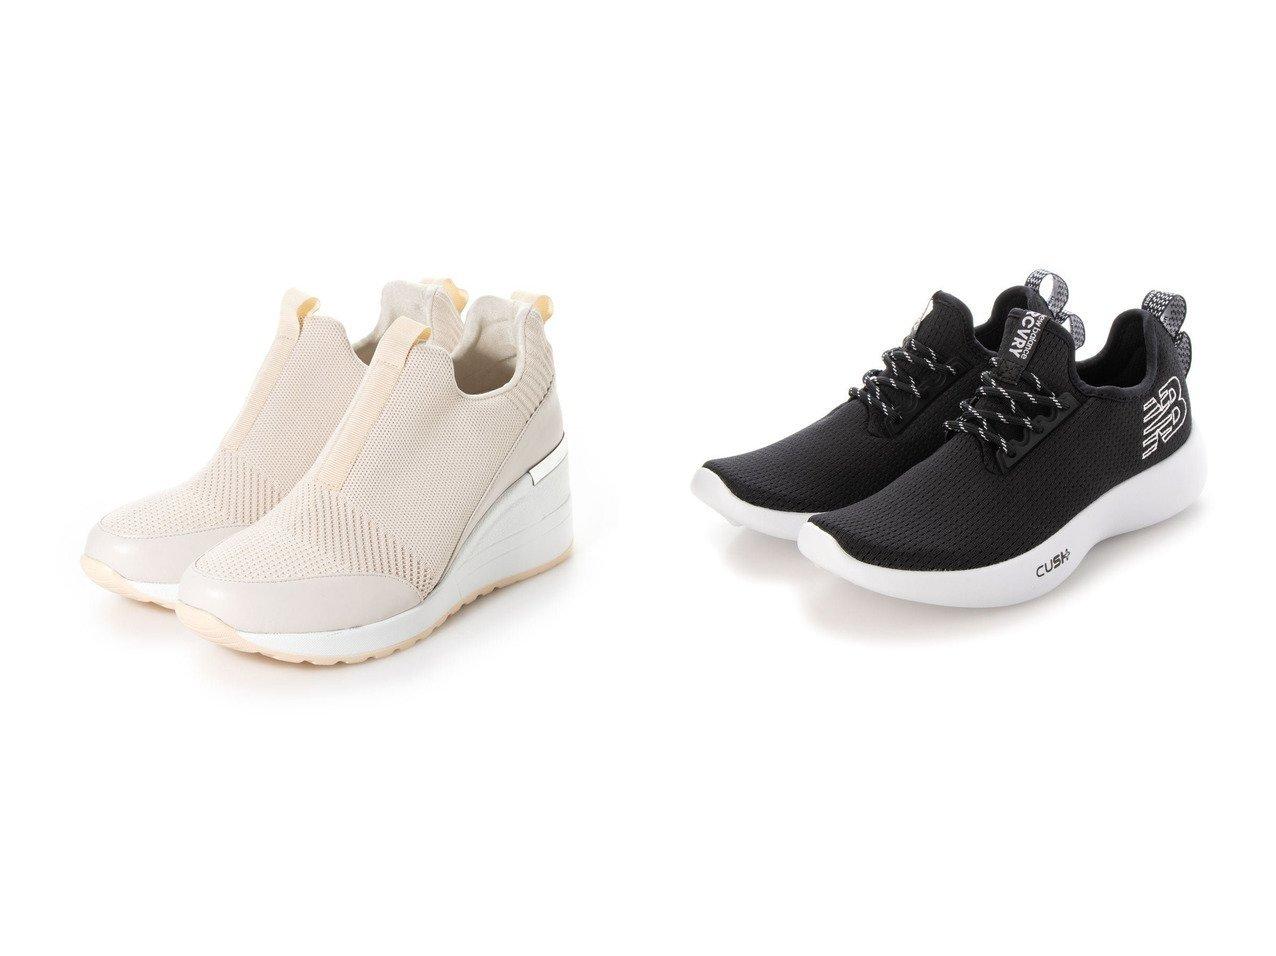 【EVOL/イーボル】の傾斜ありでスタイルアップ【EVOL】ヒールアップスニーカー&【new balance/ニューバランス】のスニーカー レディース メンズ リカバリー 【シューズ・靴】おすすめ!人気トレンド・レディースファッション通販 おすすめで人気の流行・トレンド、ファッションの通販商品 インテリア・家具・メンズファッション・キッズファッション・レディースファッション・服の通販 founy(ファニー) https://founy.com/ ファッション Fashion レディースファッション WOMEN 春 Spring クッション シルバー スニーカー トレンド 人気 ベーシック 2021年 2021 S/S・春夏 SS・Spring/Summer 2021春夏・S/S SS/Spring/Summer/2021 おすすめ Recommend ウォッシャブル サンダル スポーツ メンズ 定番 Standard |ID:crp329100000046511